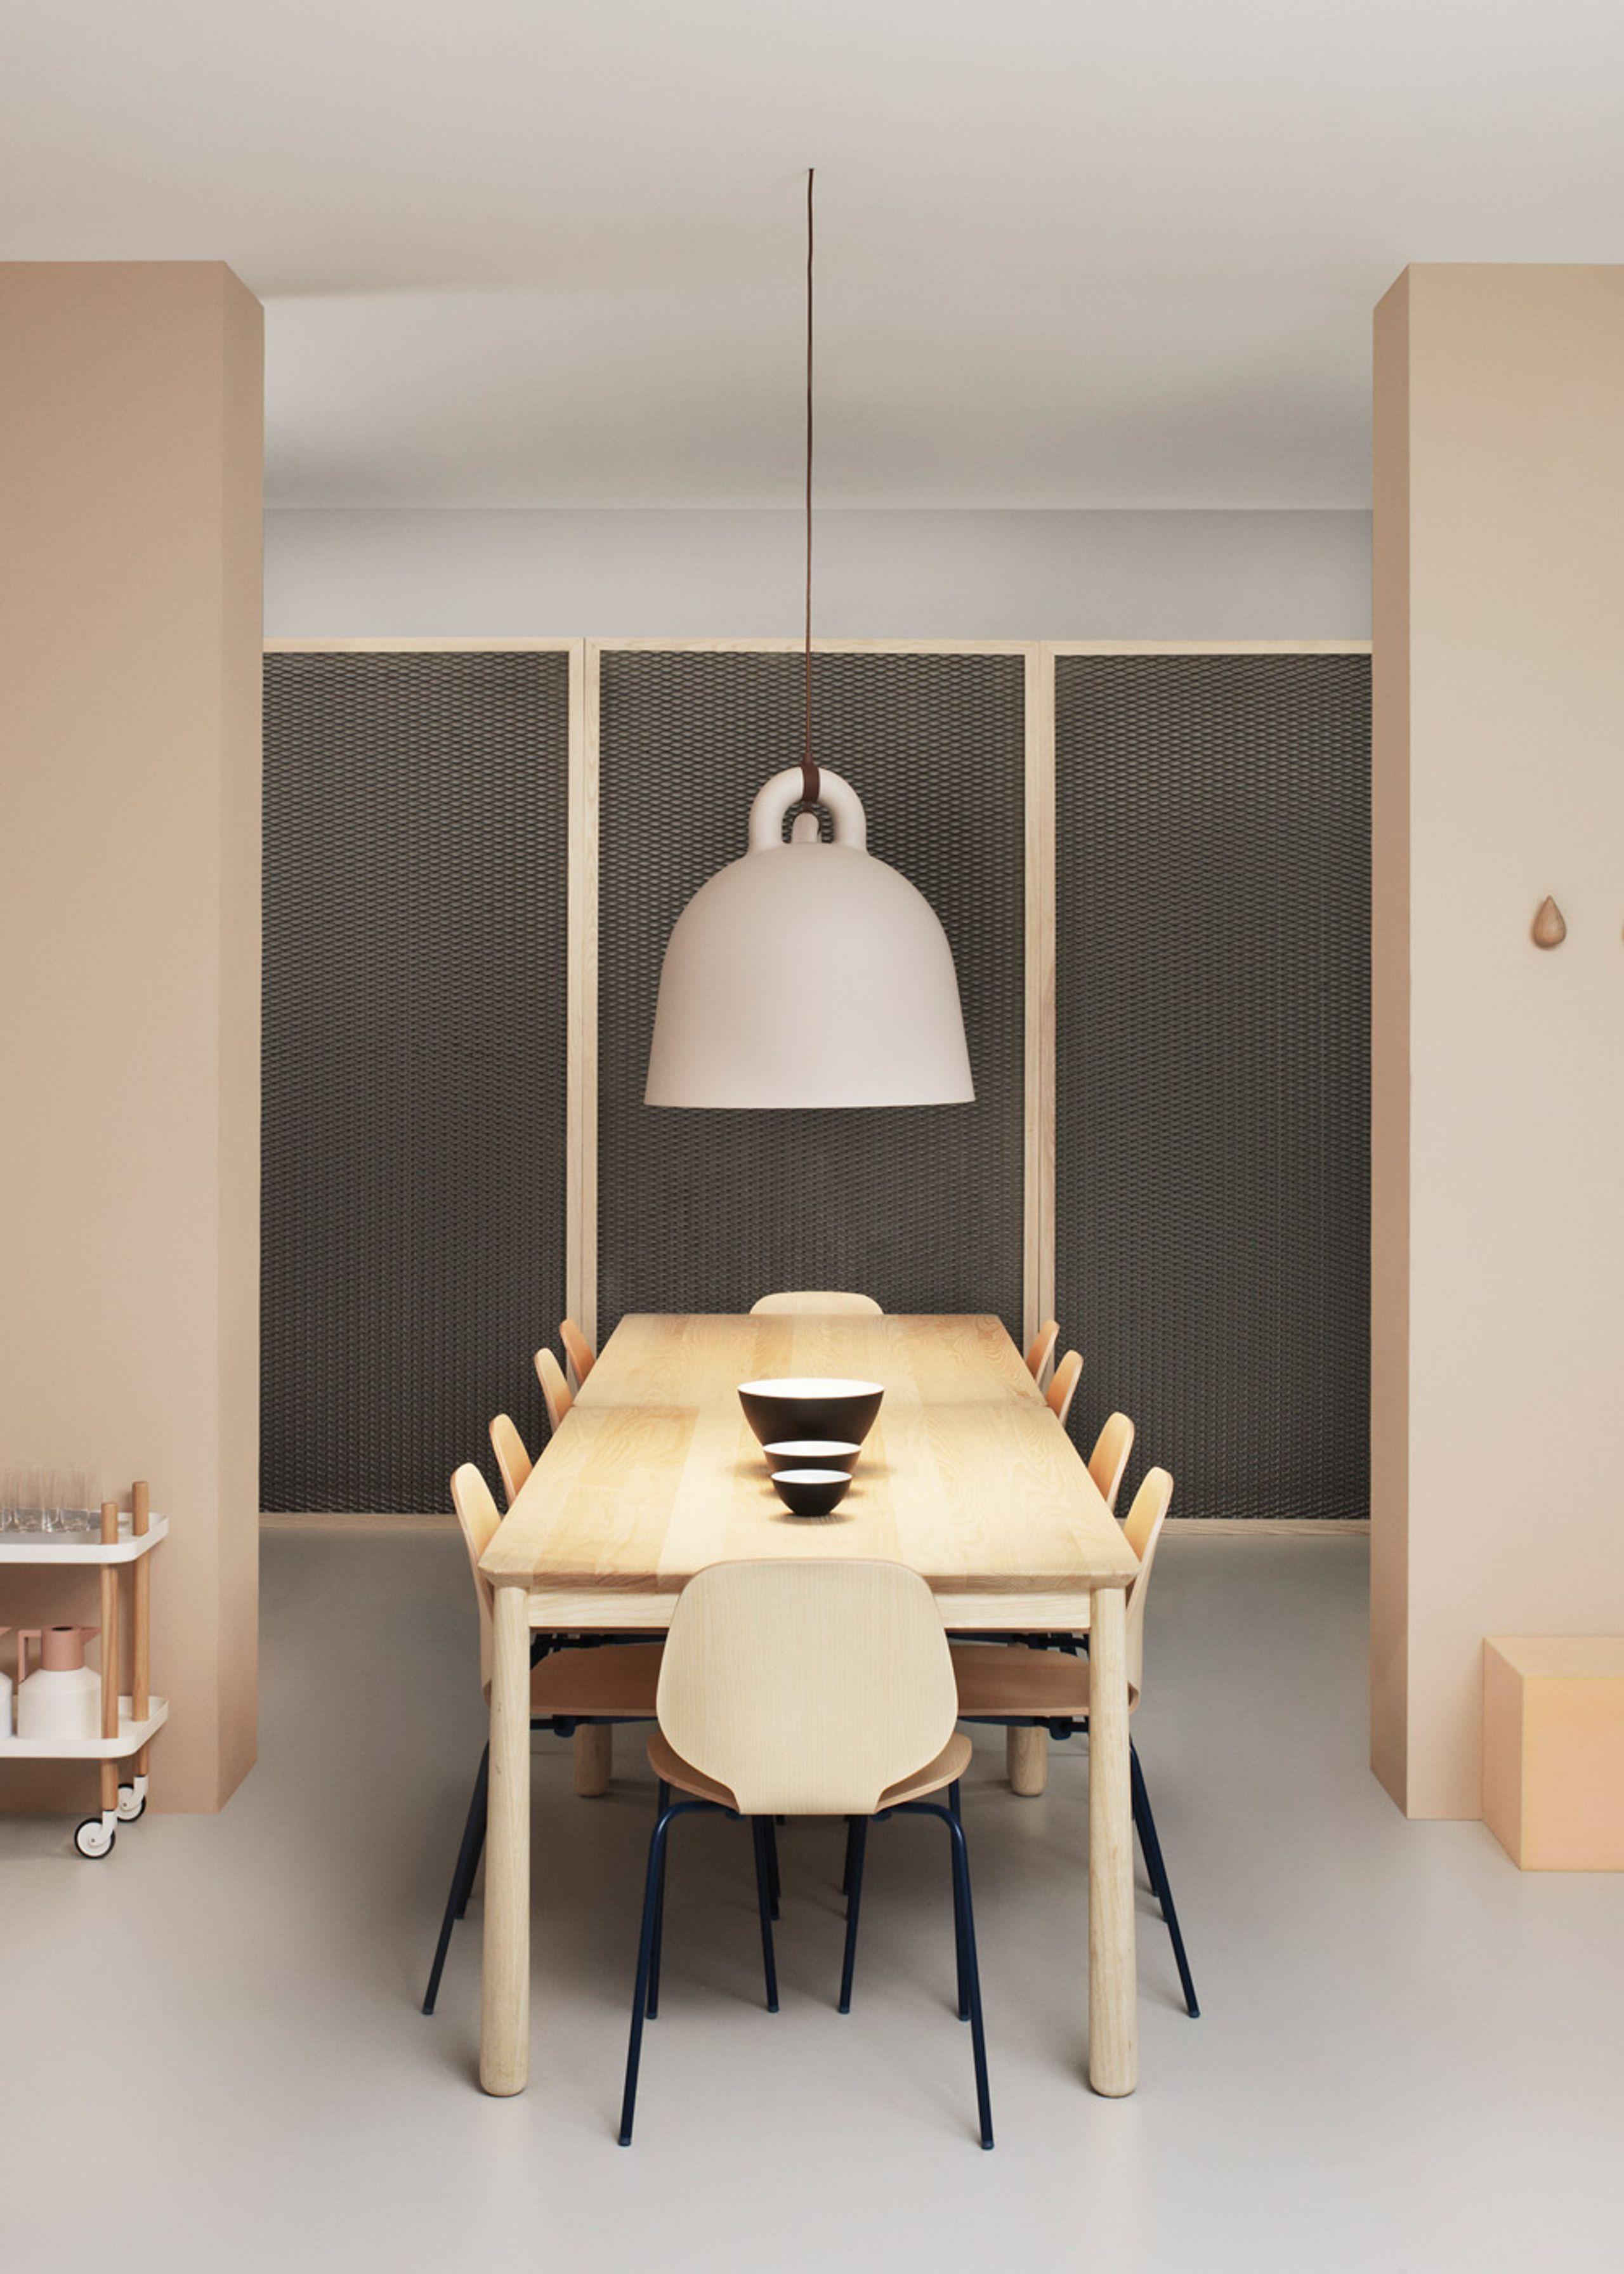 My Chair - Stol - Normann Copenhagen